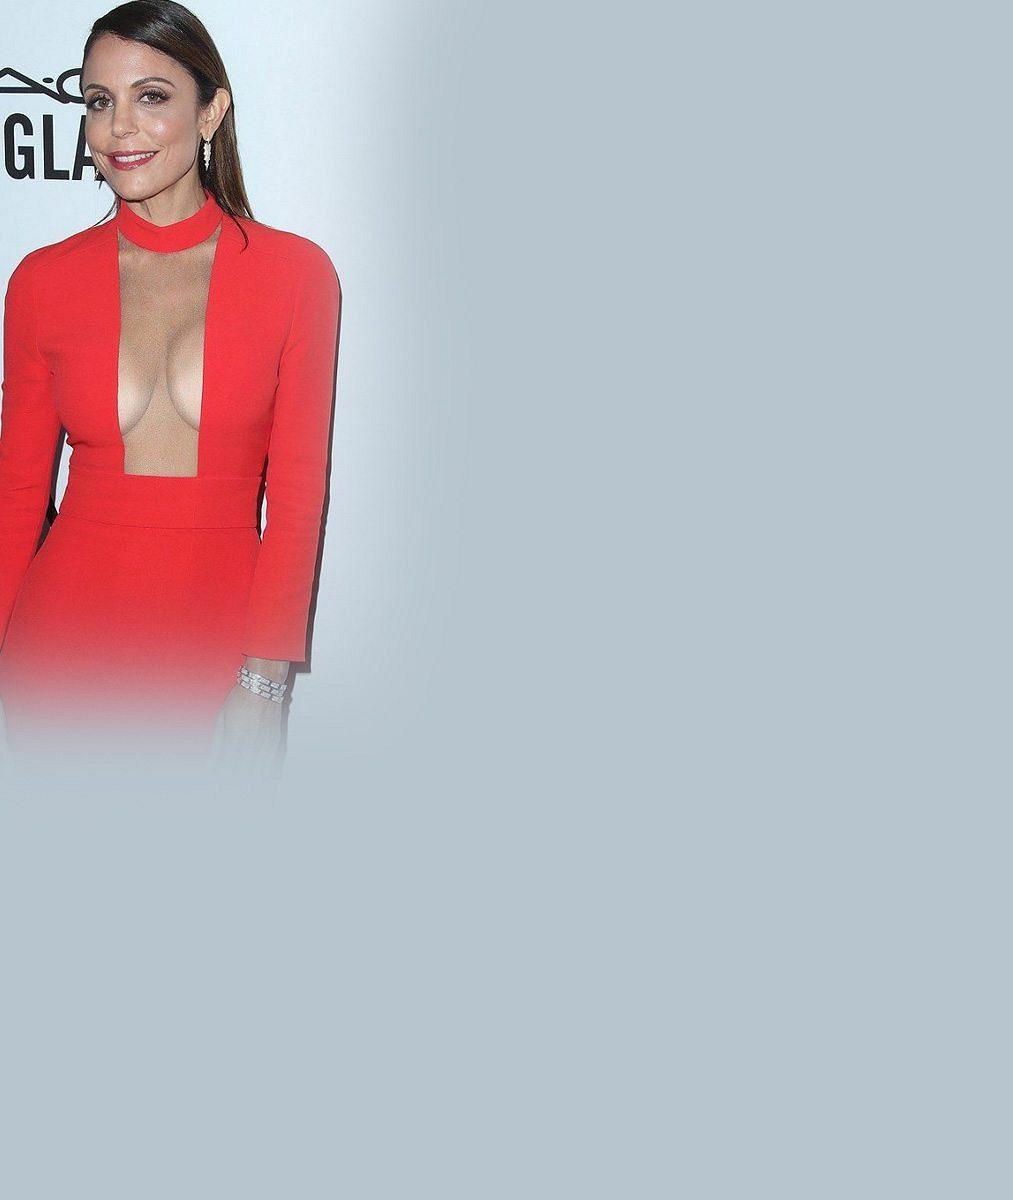 Televizní moderátorka (46) podprsenku nepotřebuje: Výběrem šatů vzbudila značný rozruch